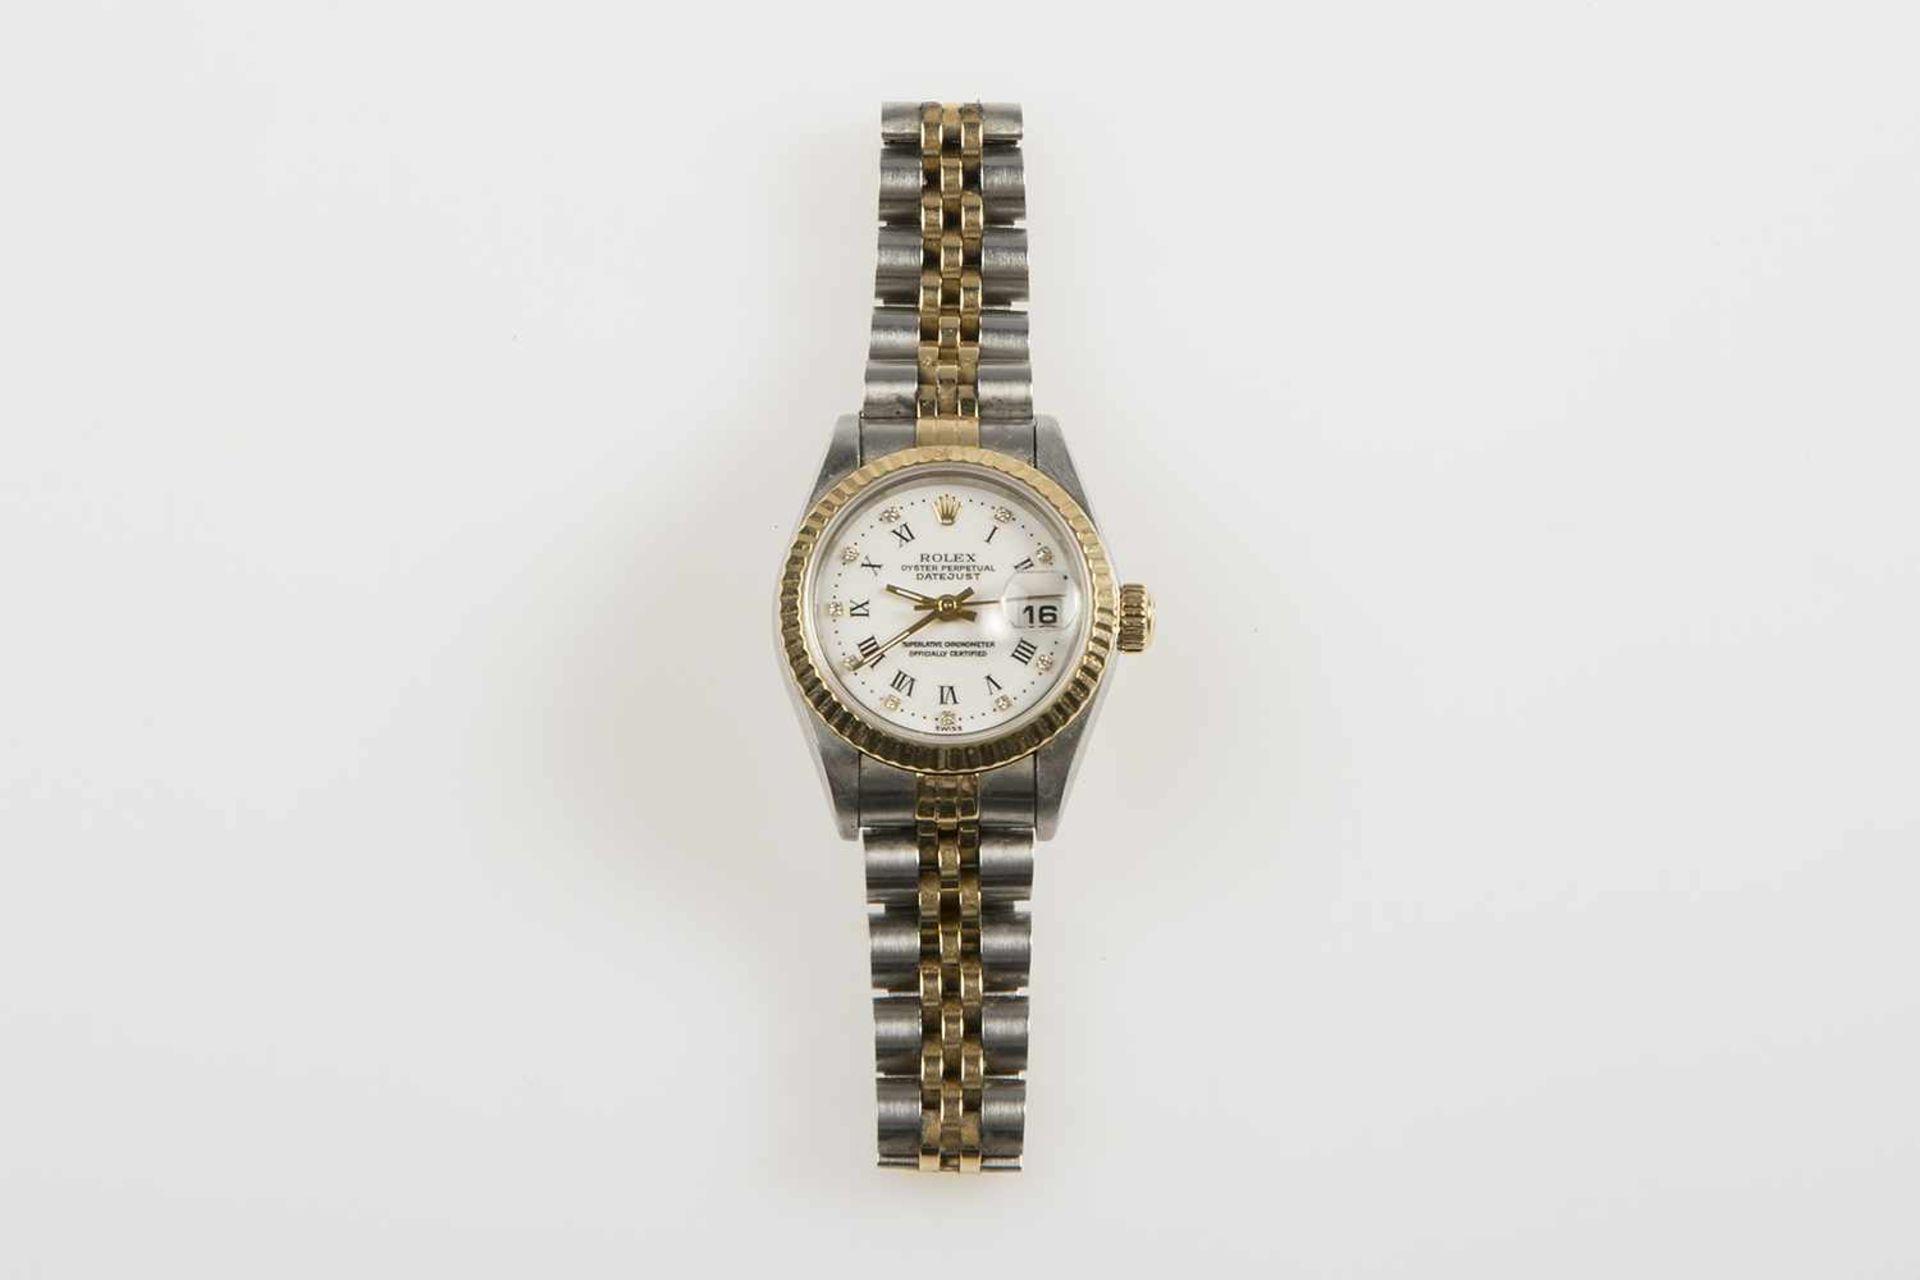 Los 35 - Damenarmbanduhr Rolex Oyster Modell Datejust Perpedual, weißes Zifferblatt mit röm. Zahlen und